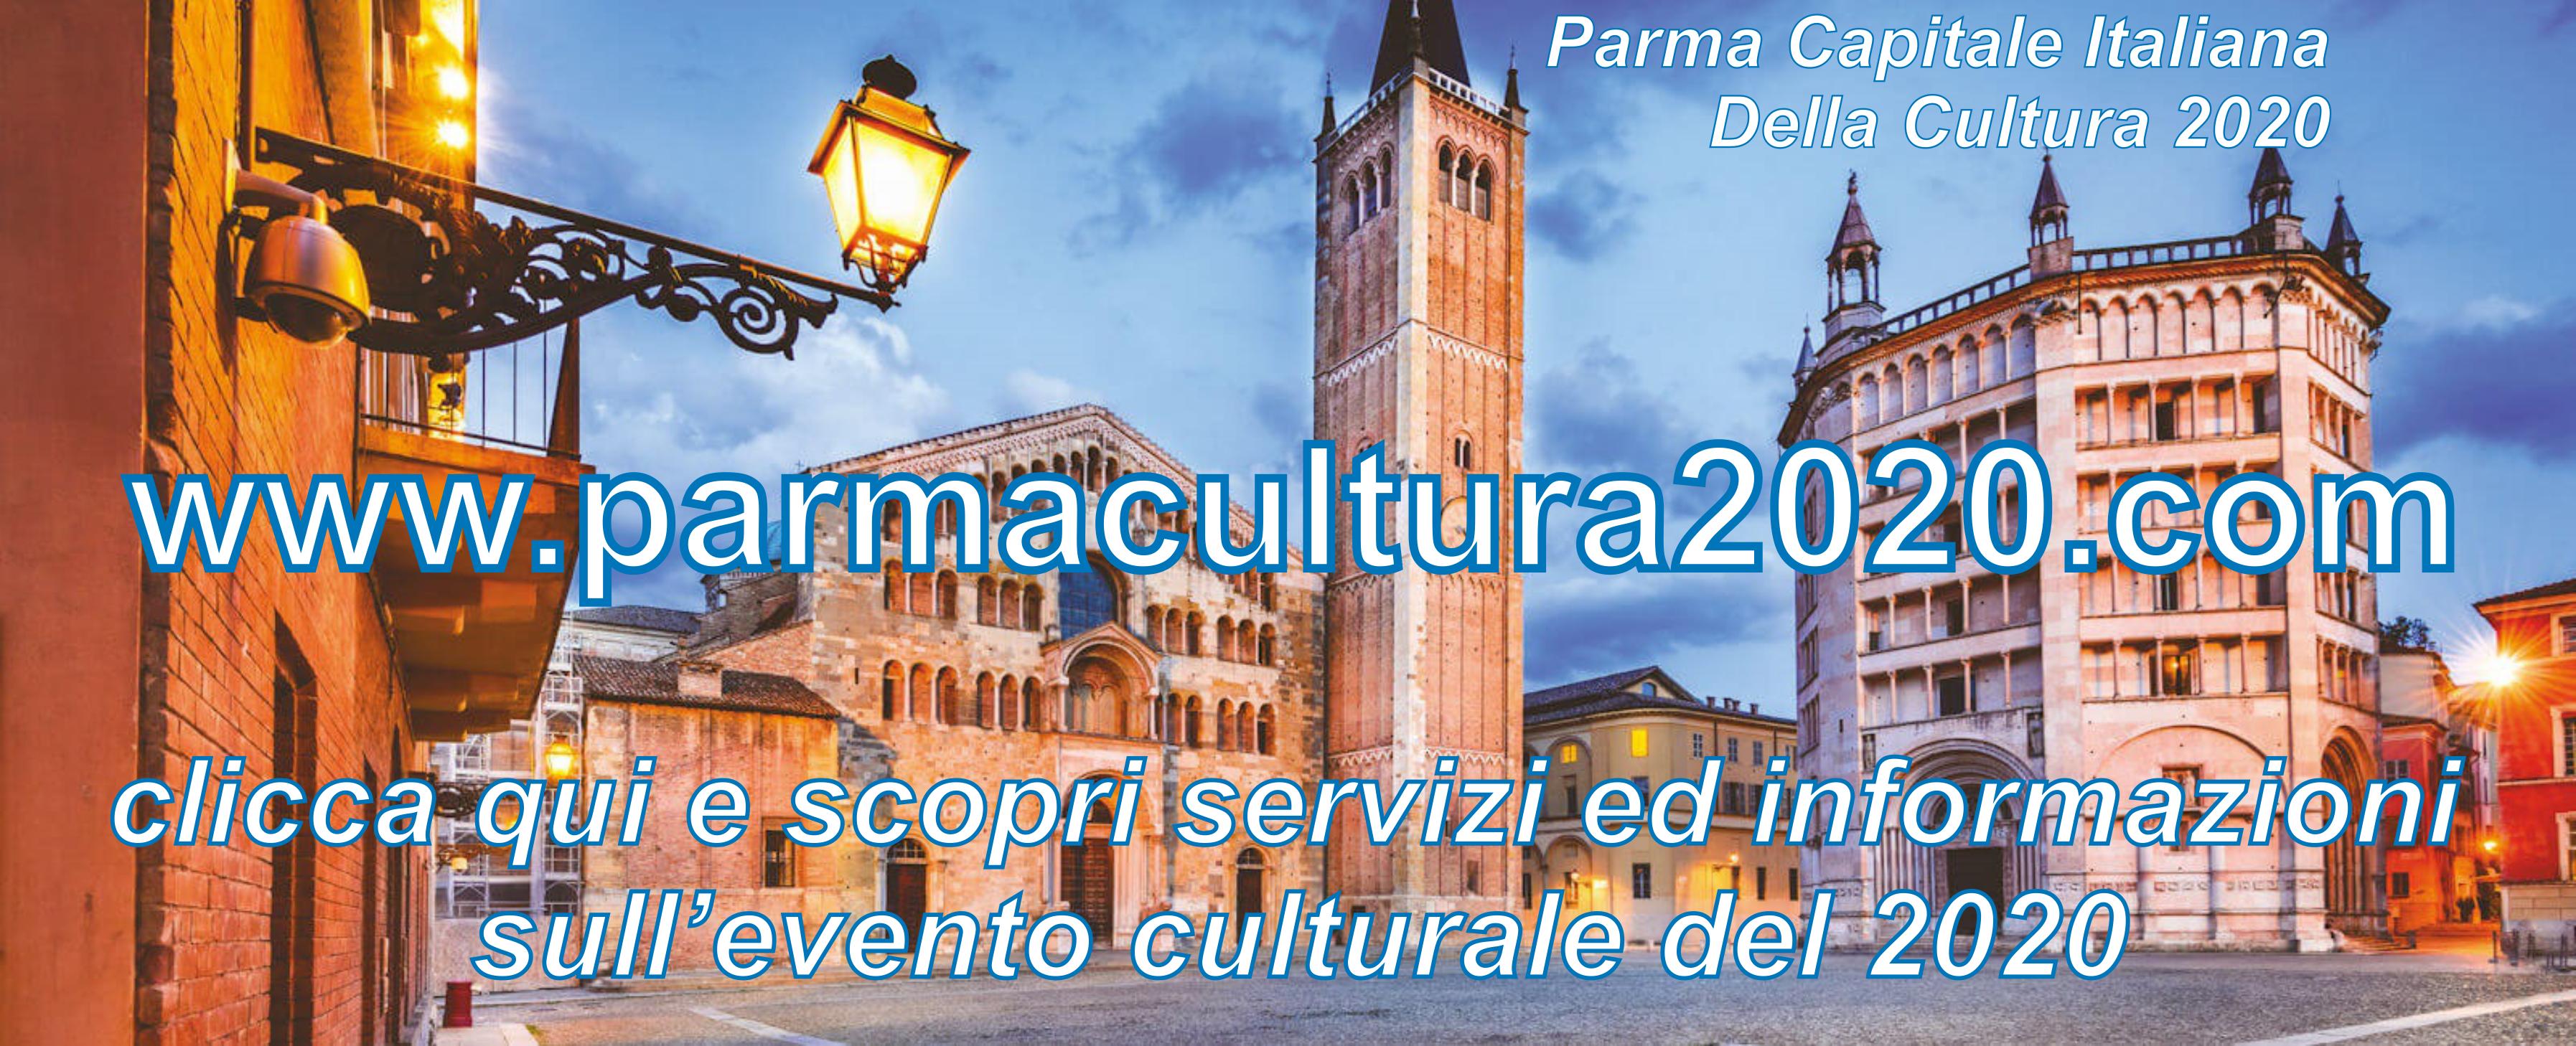 3 - Parma 2020